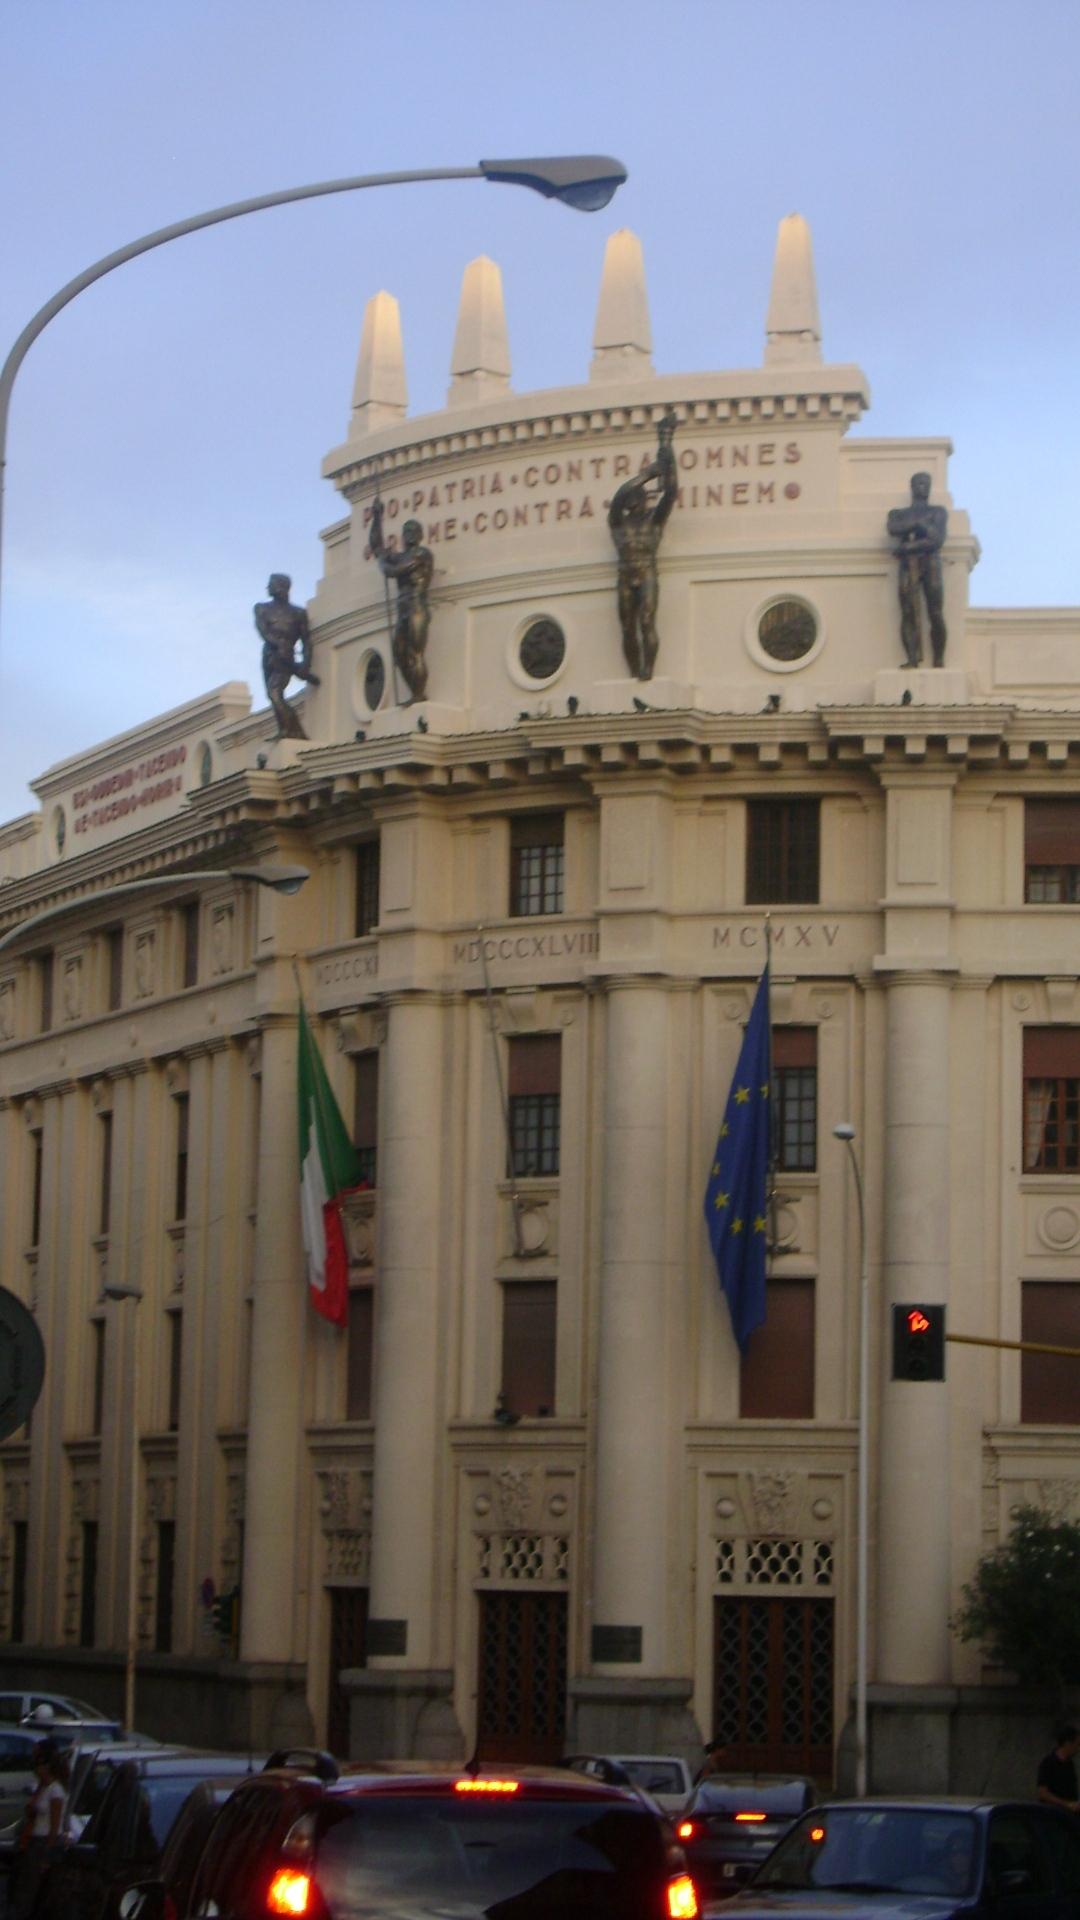 Arquitectura fascista wikipedia la enciclopedia libre for Arquitectura wikipedia